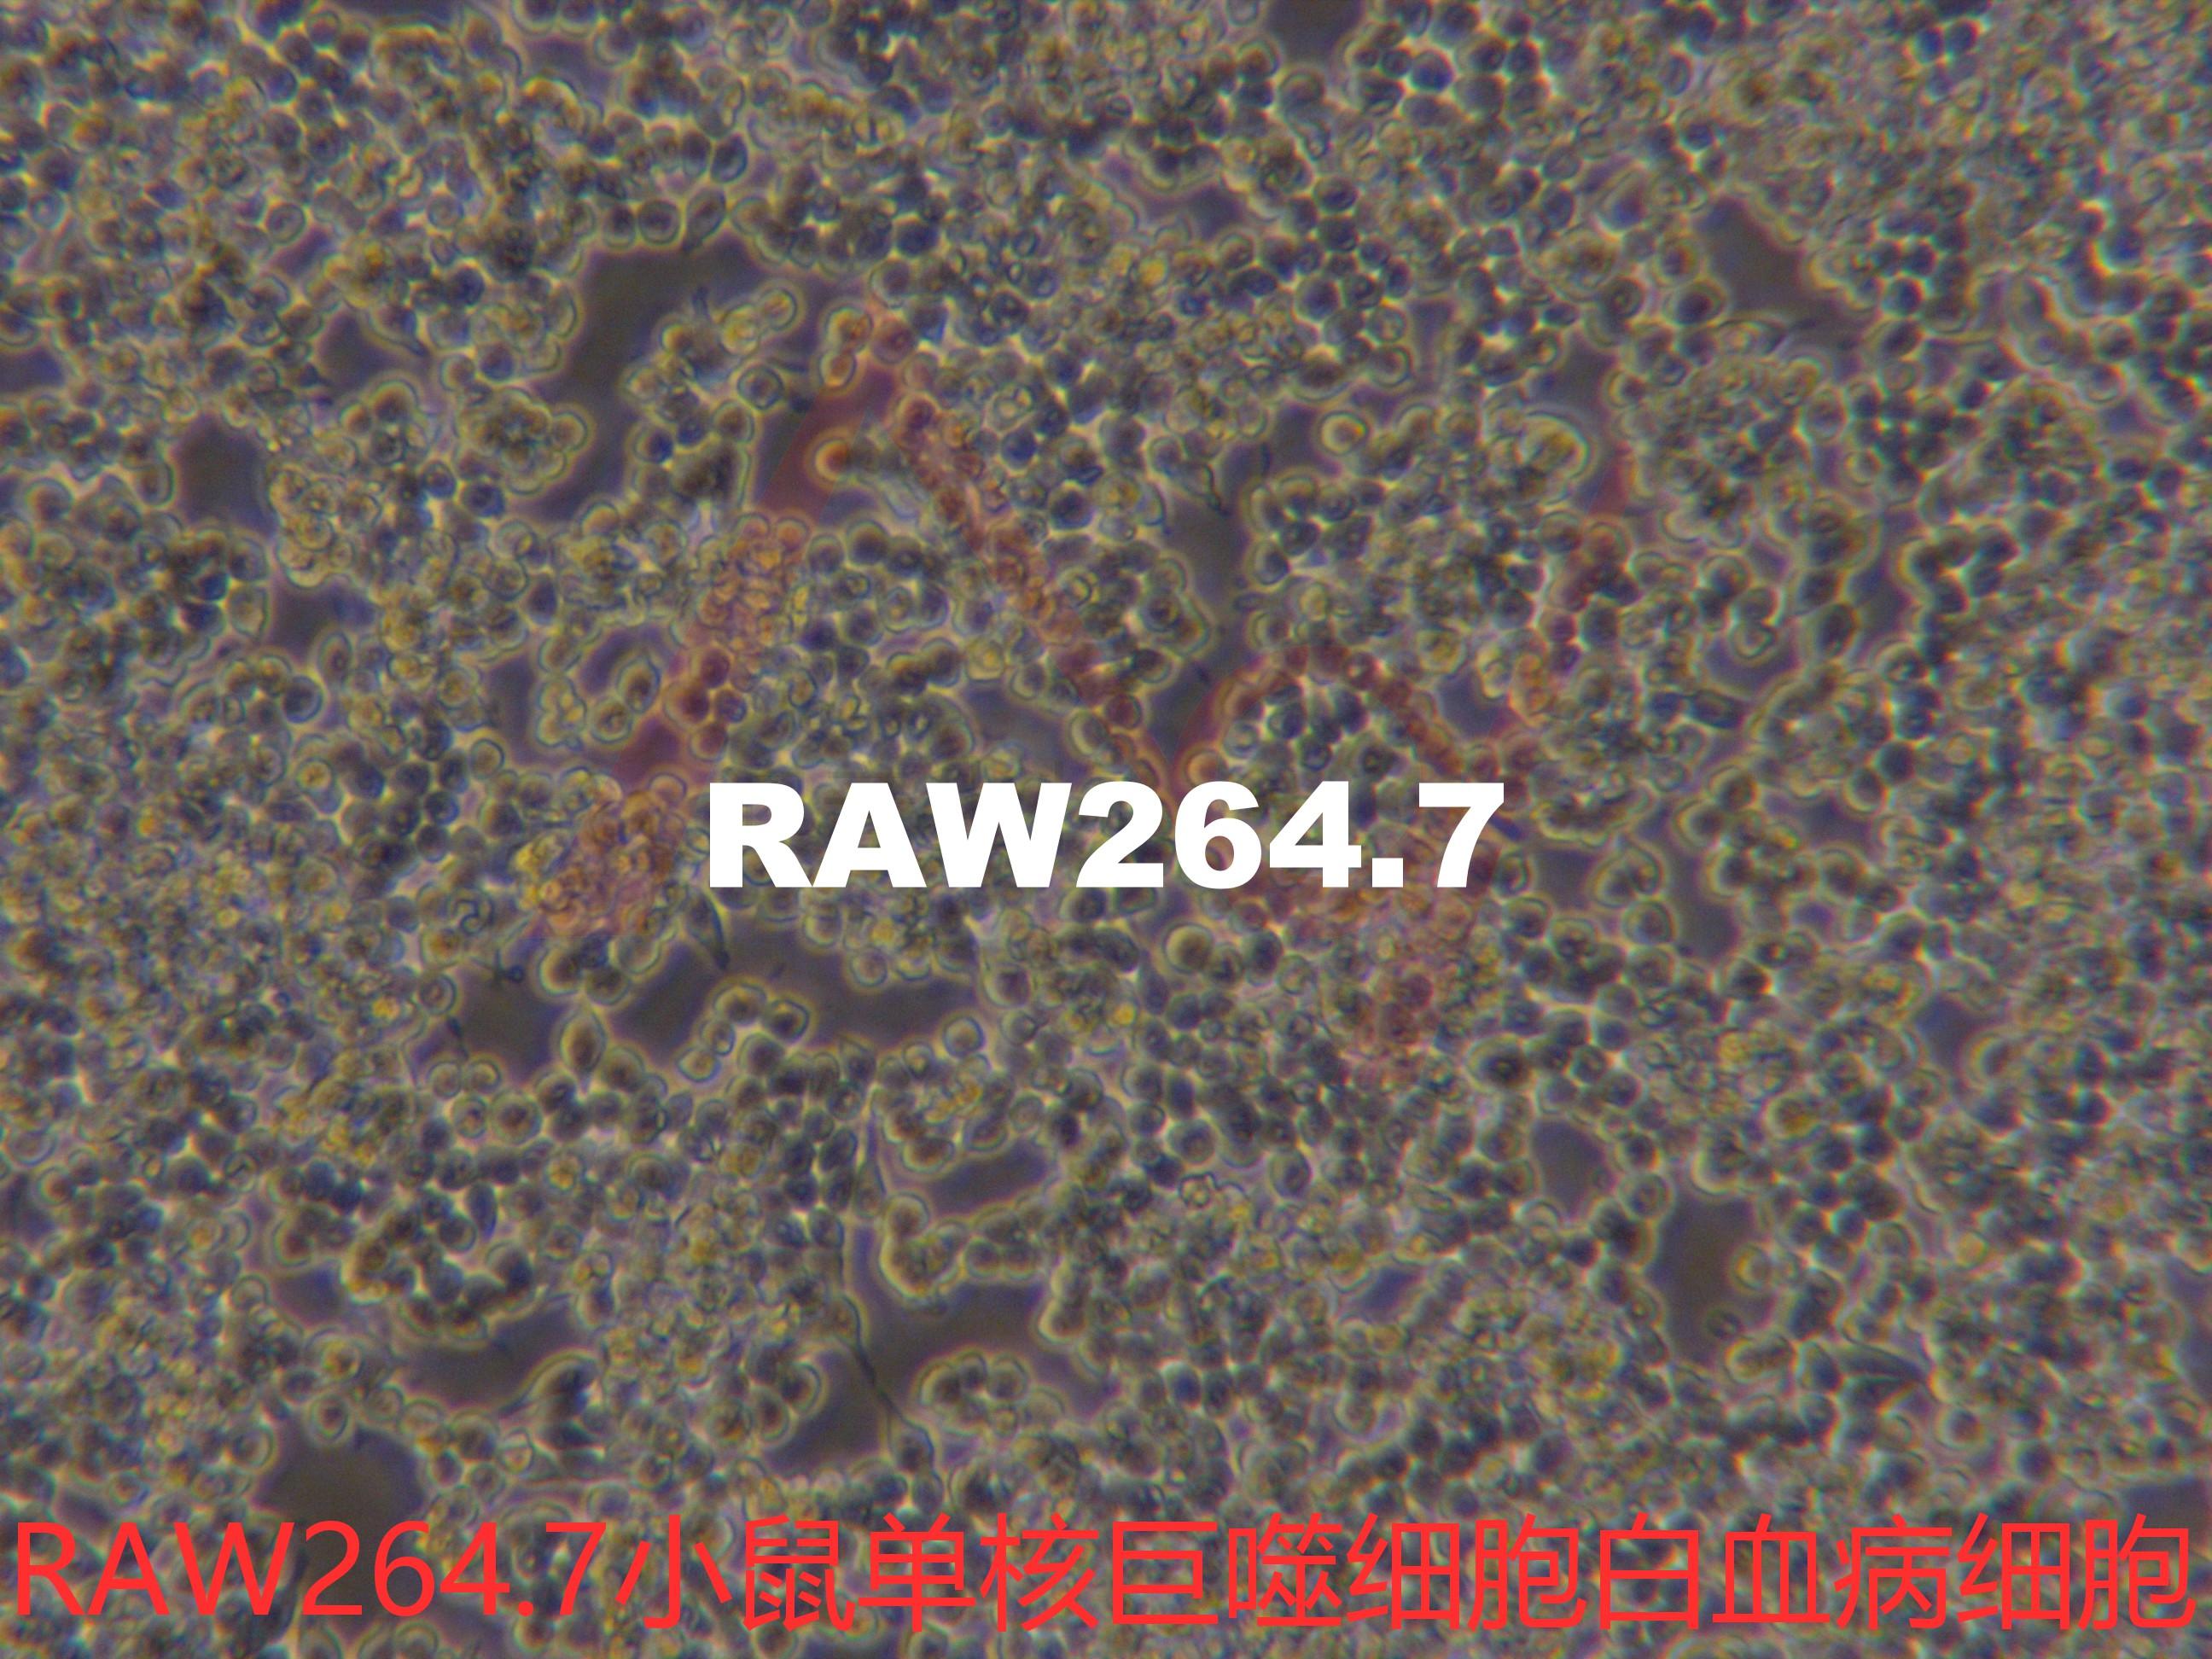 Raw264.7[RAW264; RAW2647; RAW264.7; RAW-264.7; Raw 264.7]小鼠单核巨噬细胞白血病细胞